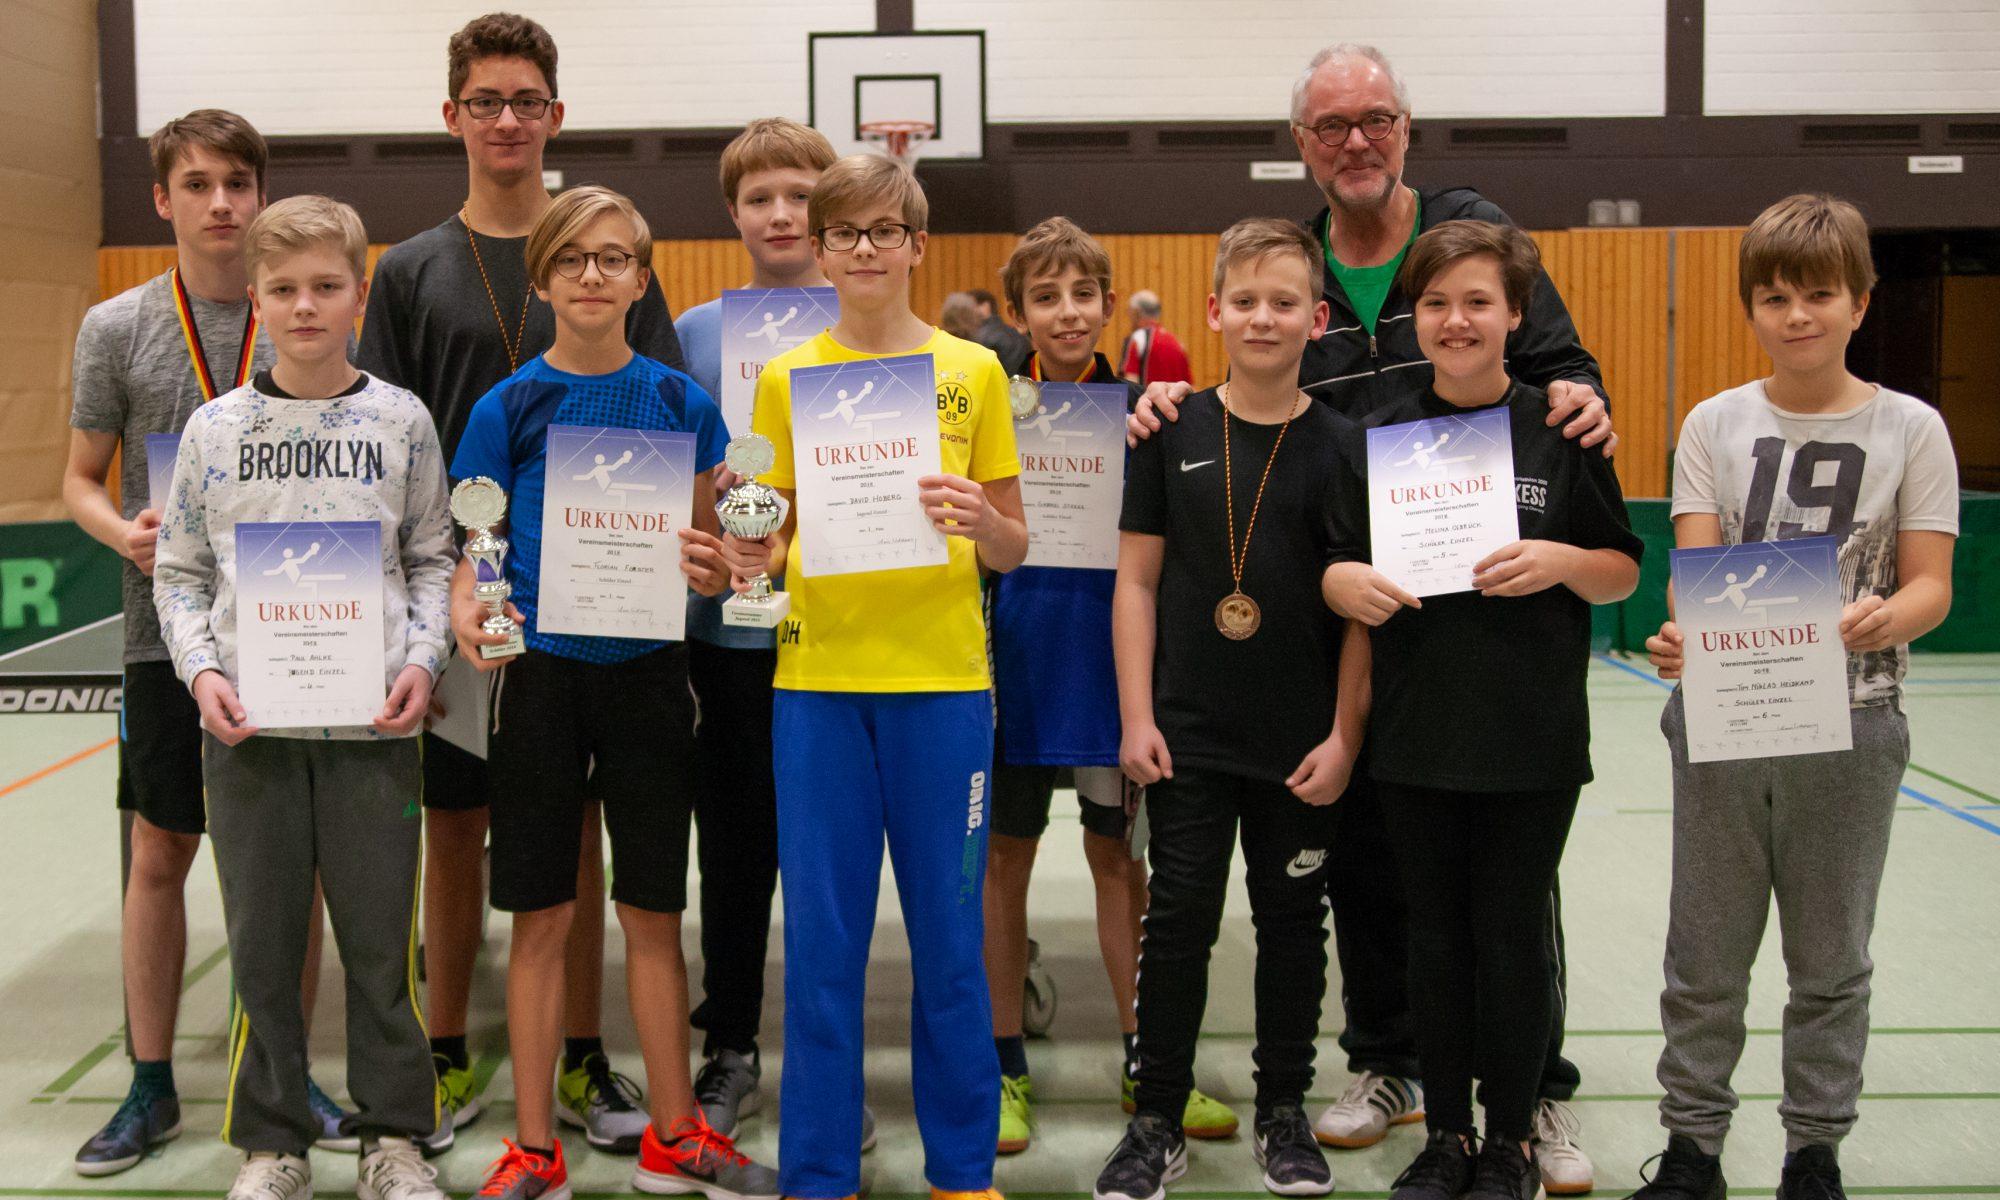 Vereinsmeisterschaft, Tischtennis, Jugend, Schüler